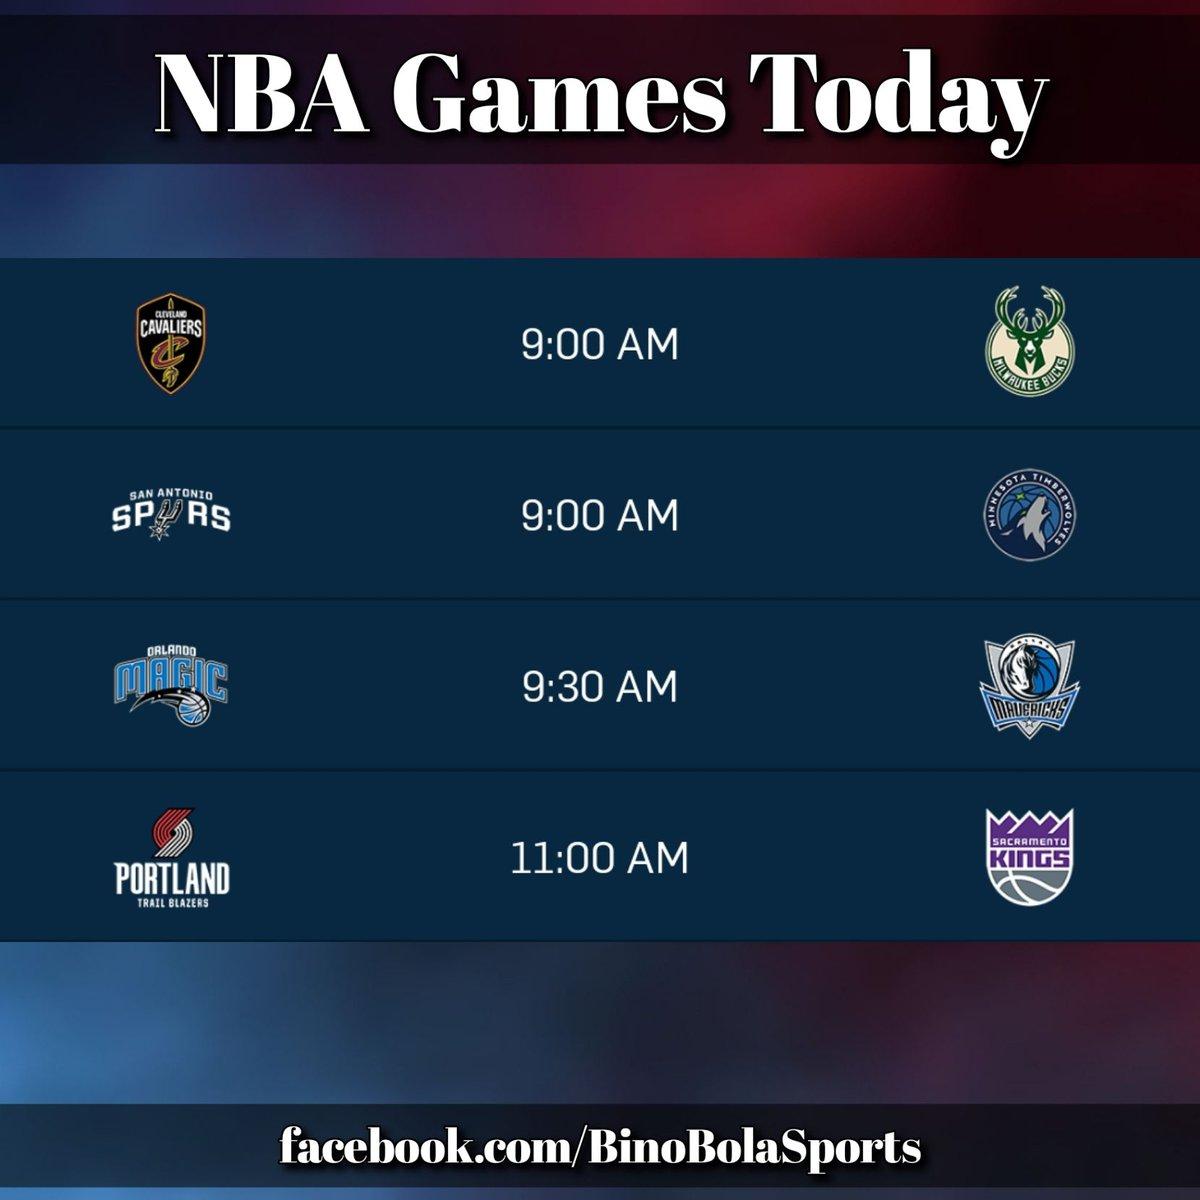 NBA games today! #RegularSeason #Day18 #BinoBolaSports #GamesSchedules (2/2)